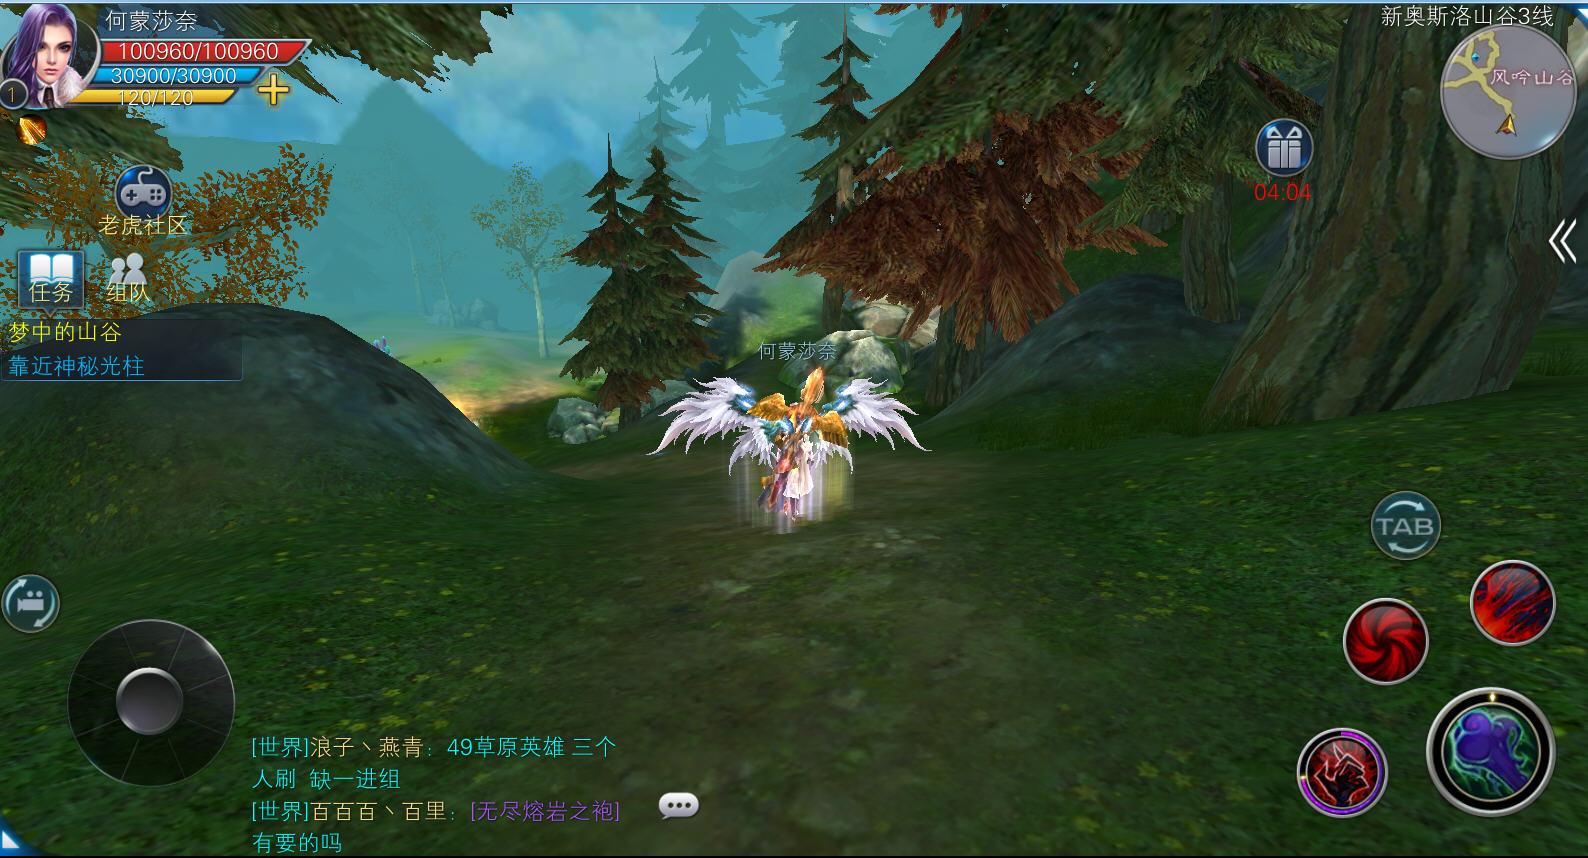 《神魔大陆》采用了崭新的图形引擎力求让画面逼近pc